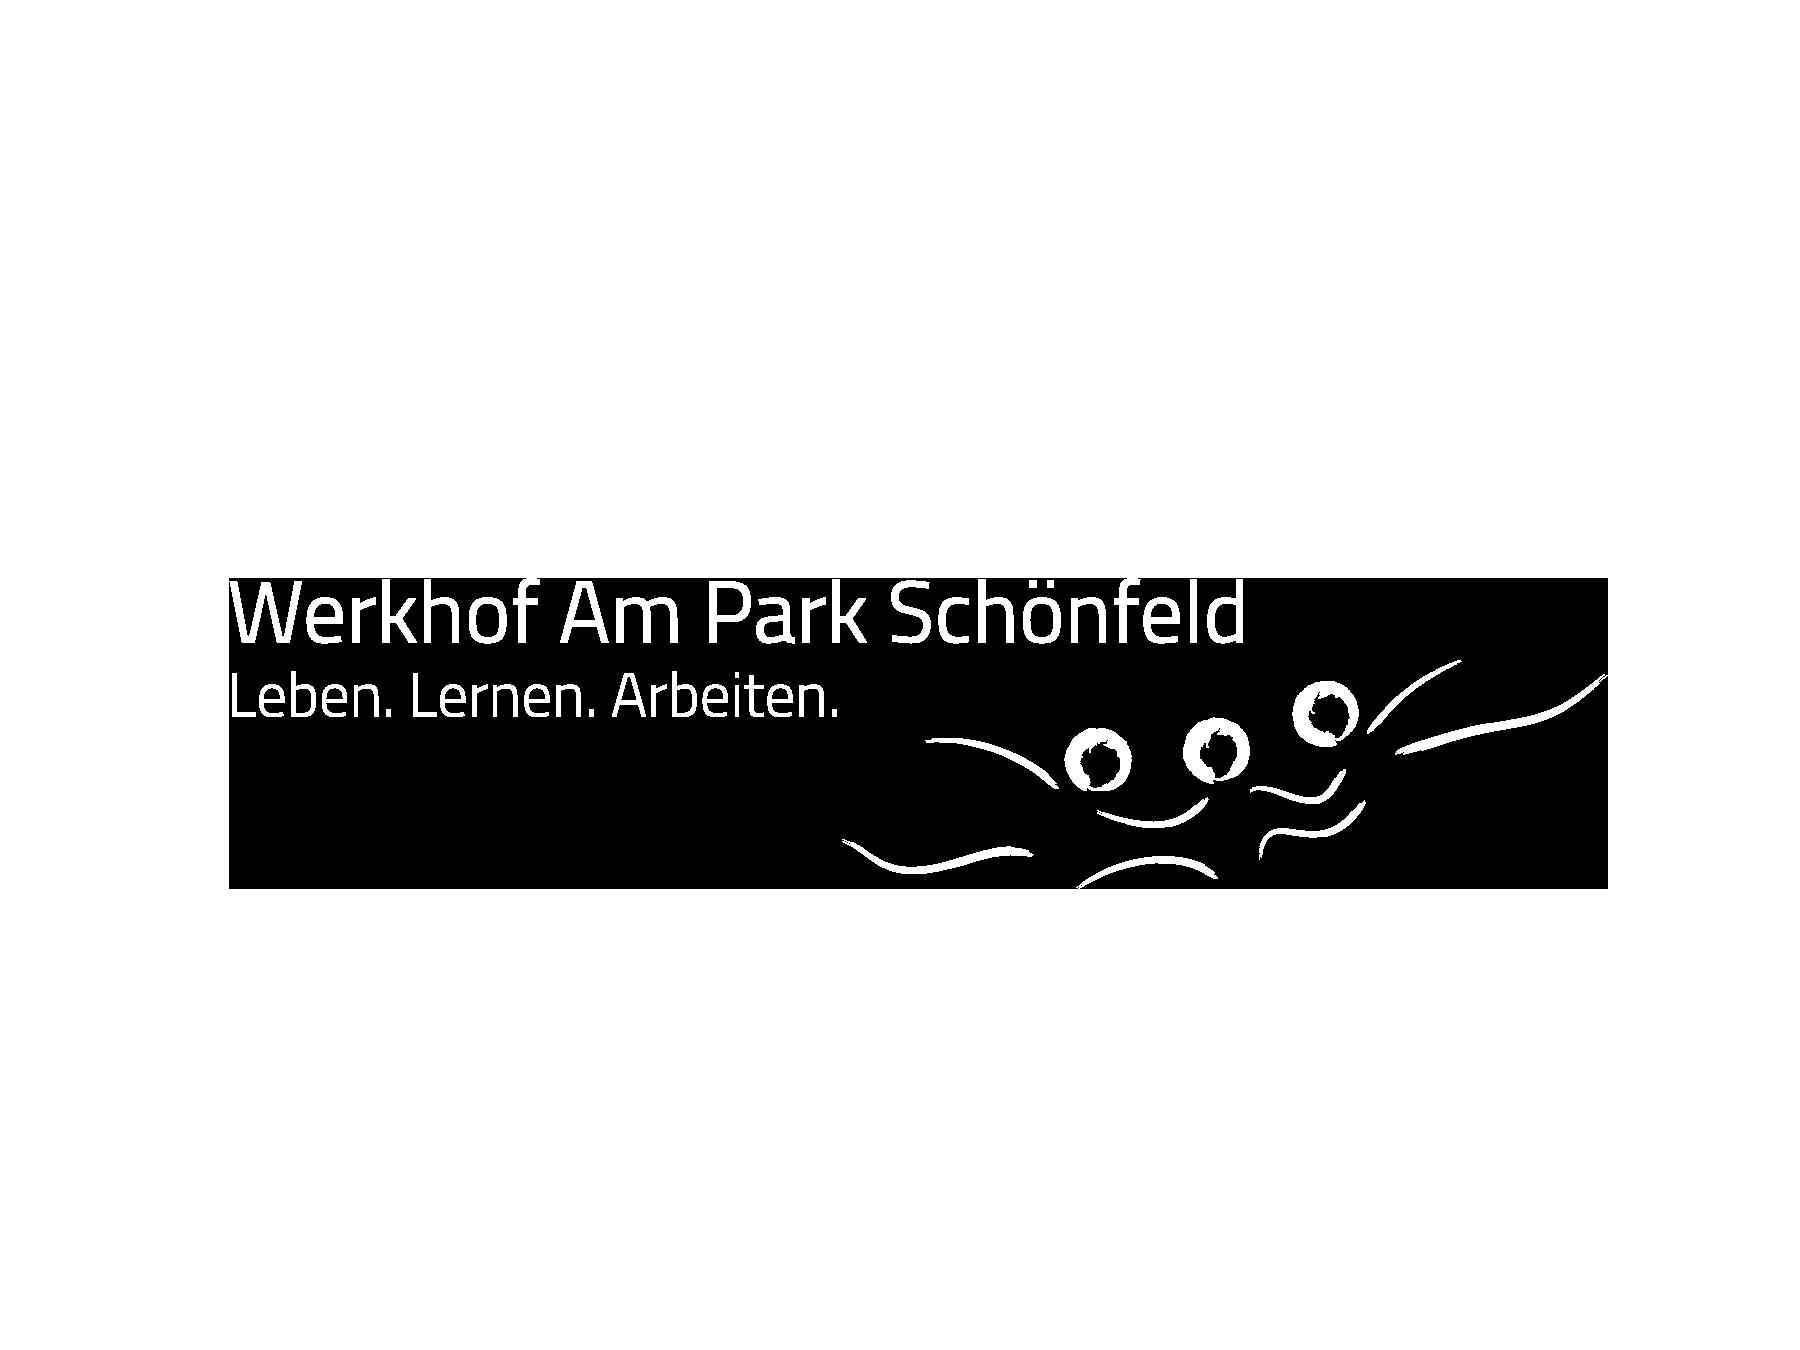 Werkhof Am Park Schönfeld